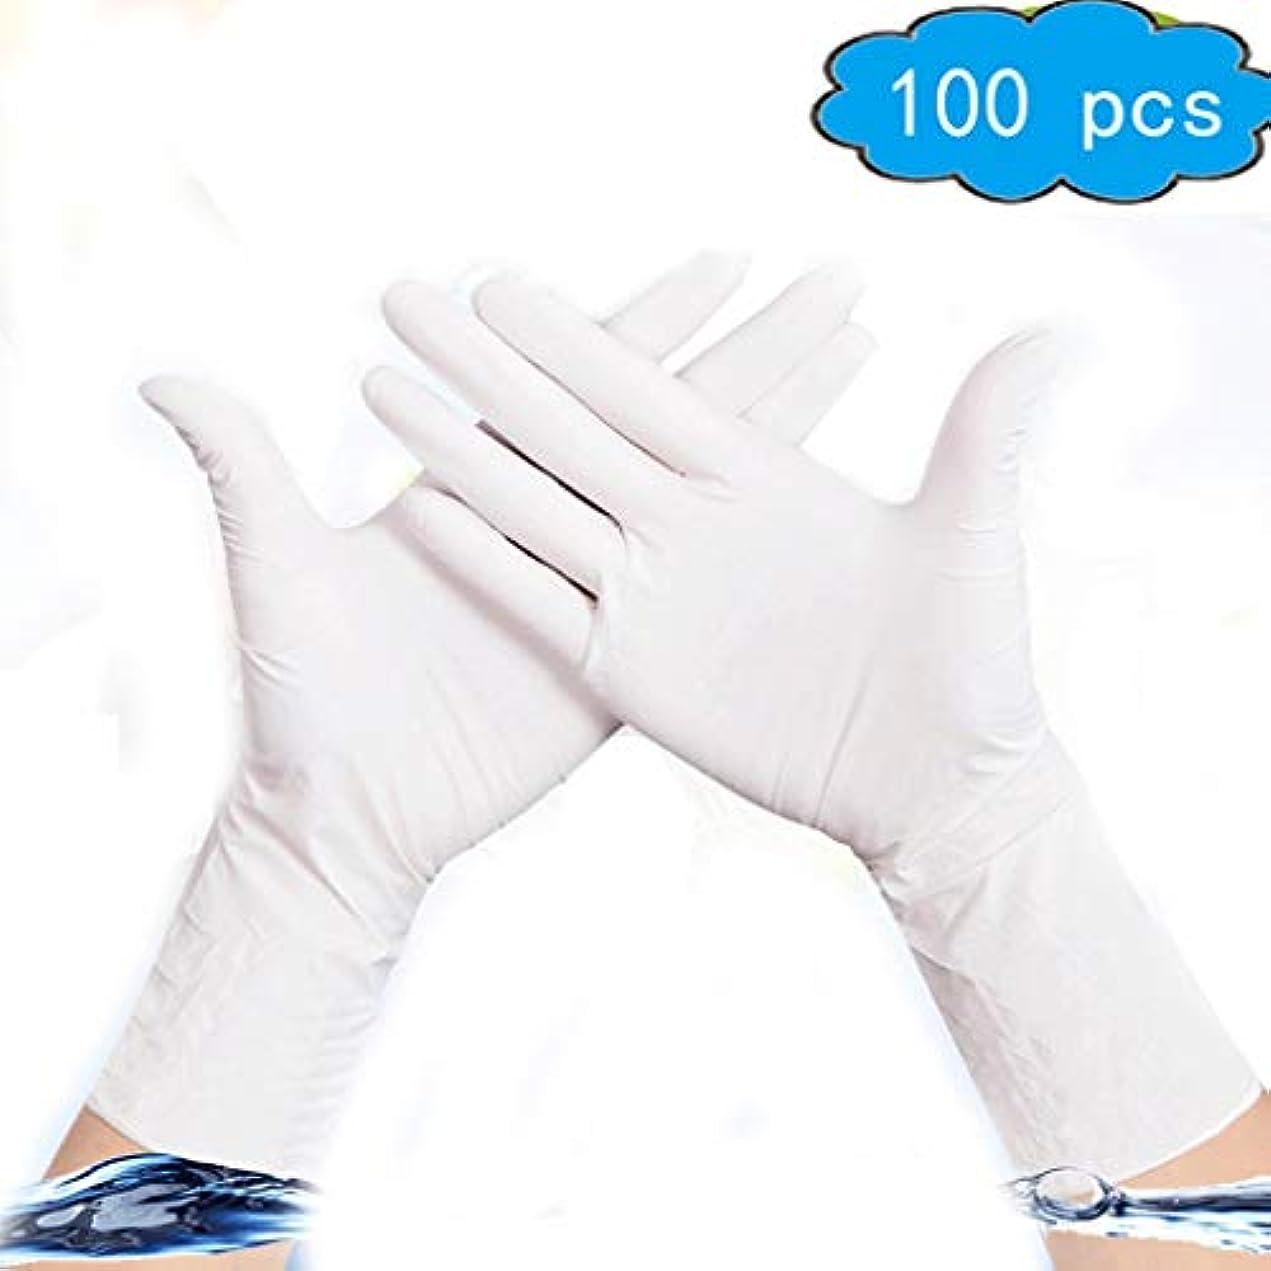 ピンメトリックカニ使い捨てニトリル手袋、無粉末、滑らかな肌触り、食品グレード、非滅菌[100パック]、サニタリー手袋、家庭用品、ツール&ホームインプルーブメント (Color : White, Size : XS)